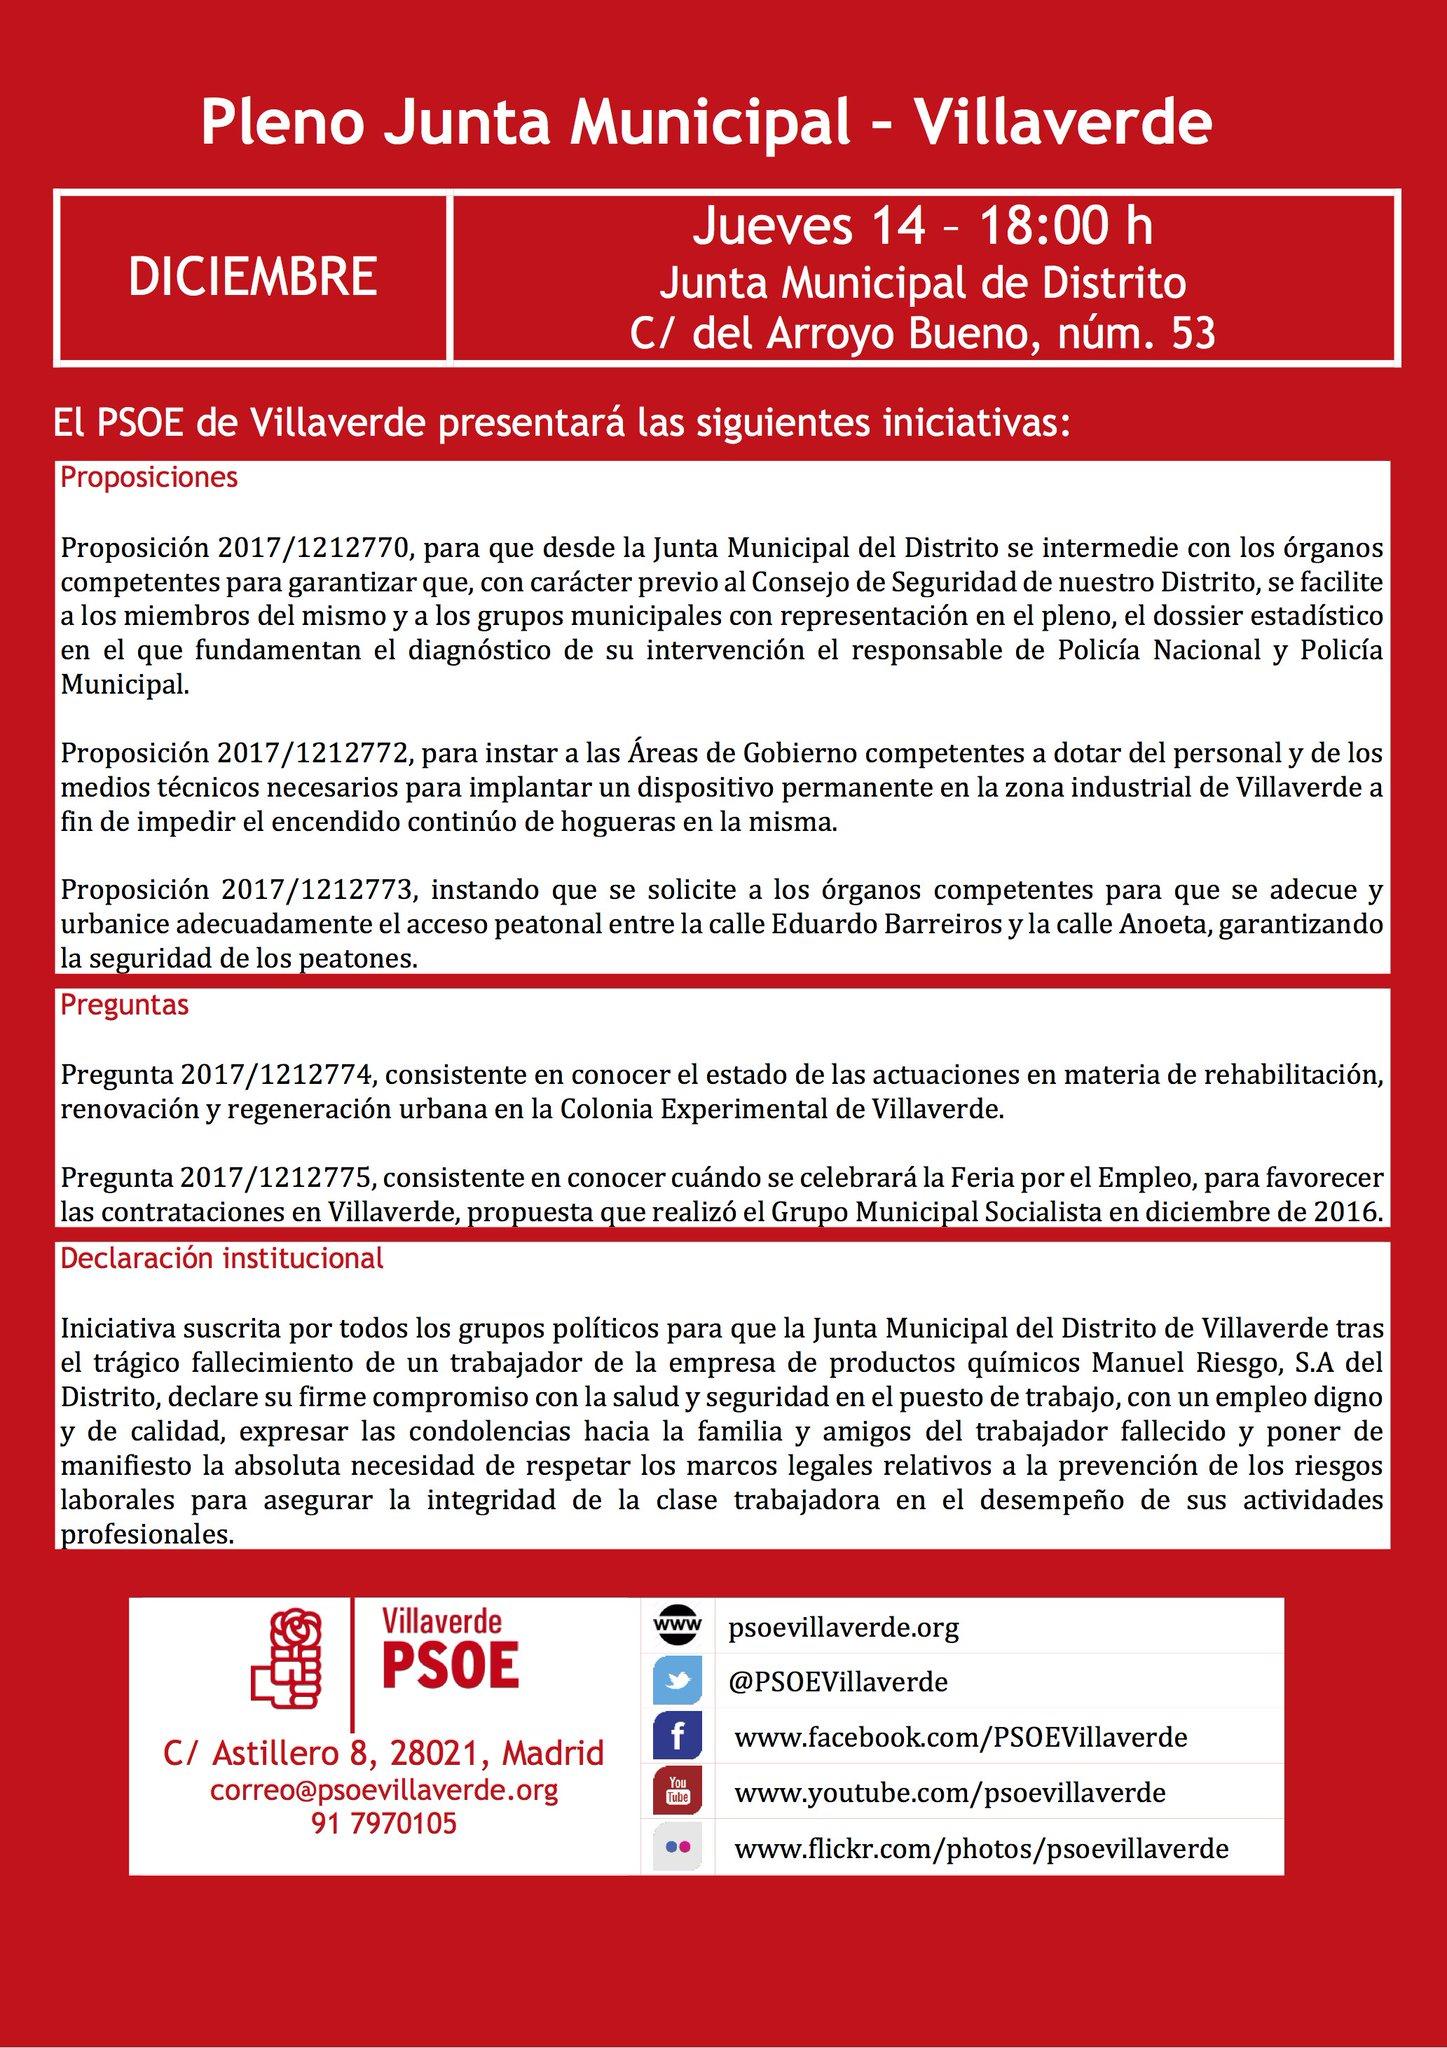 Pleno de distrito de Villaverde, diciembre 2017